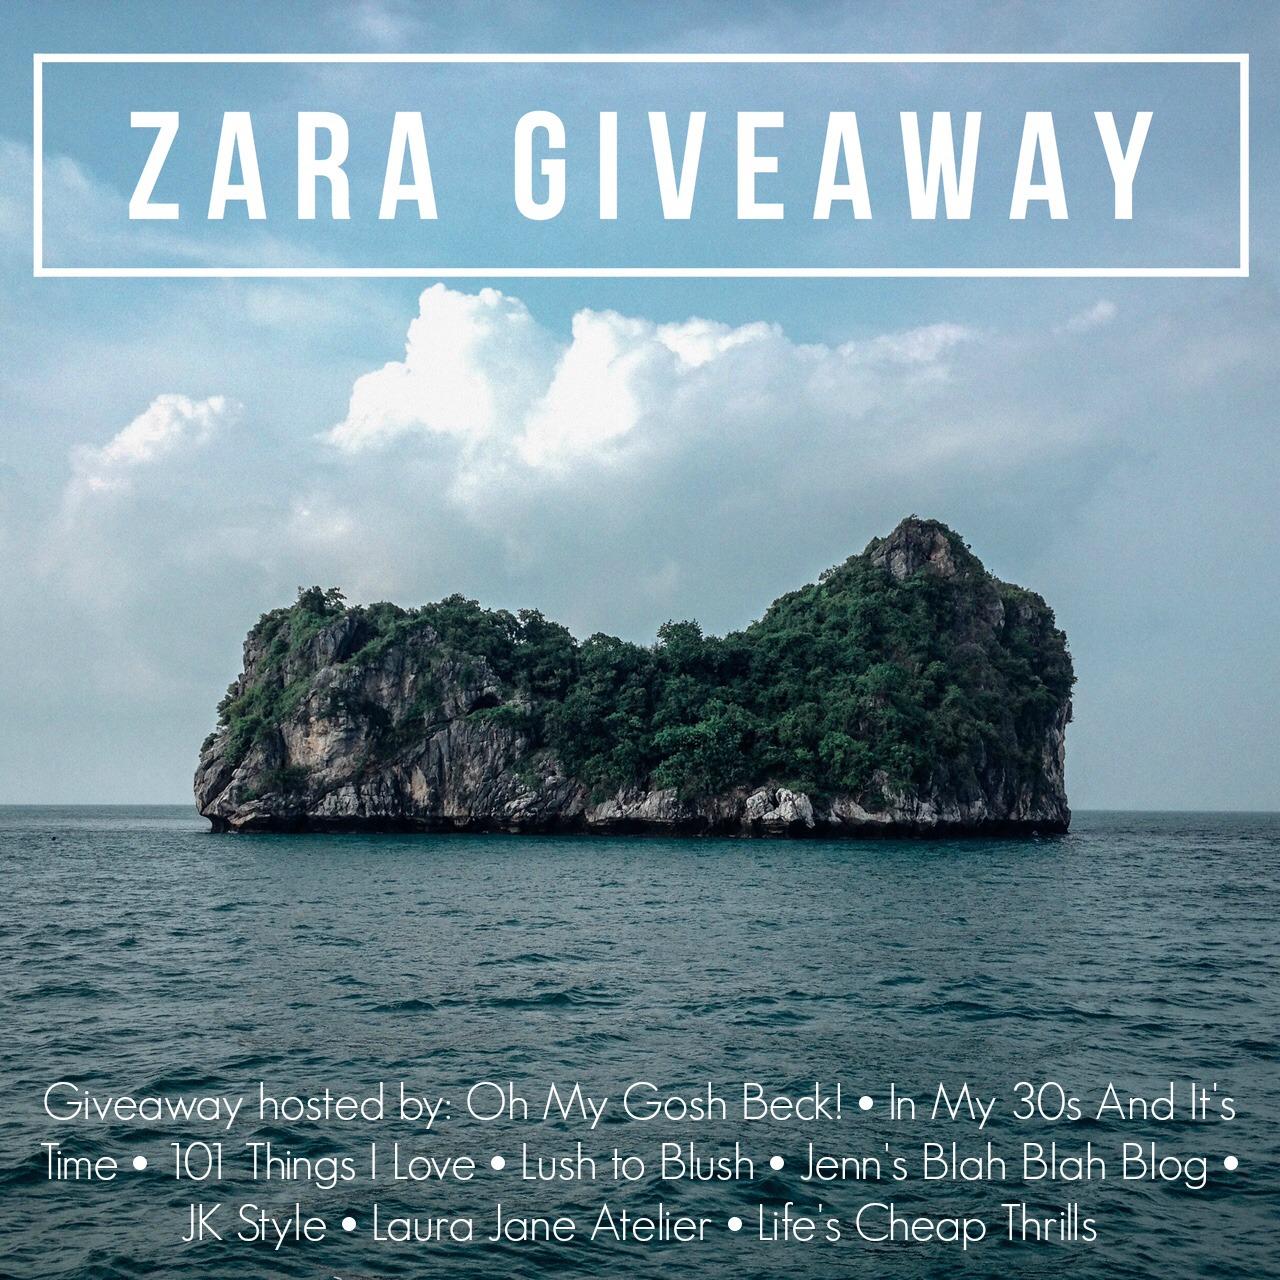 Zara Giveaway.jpg